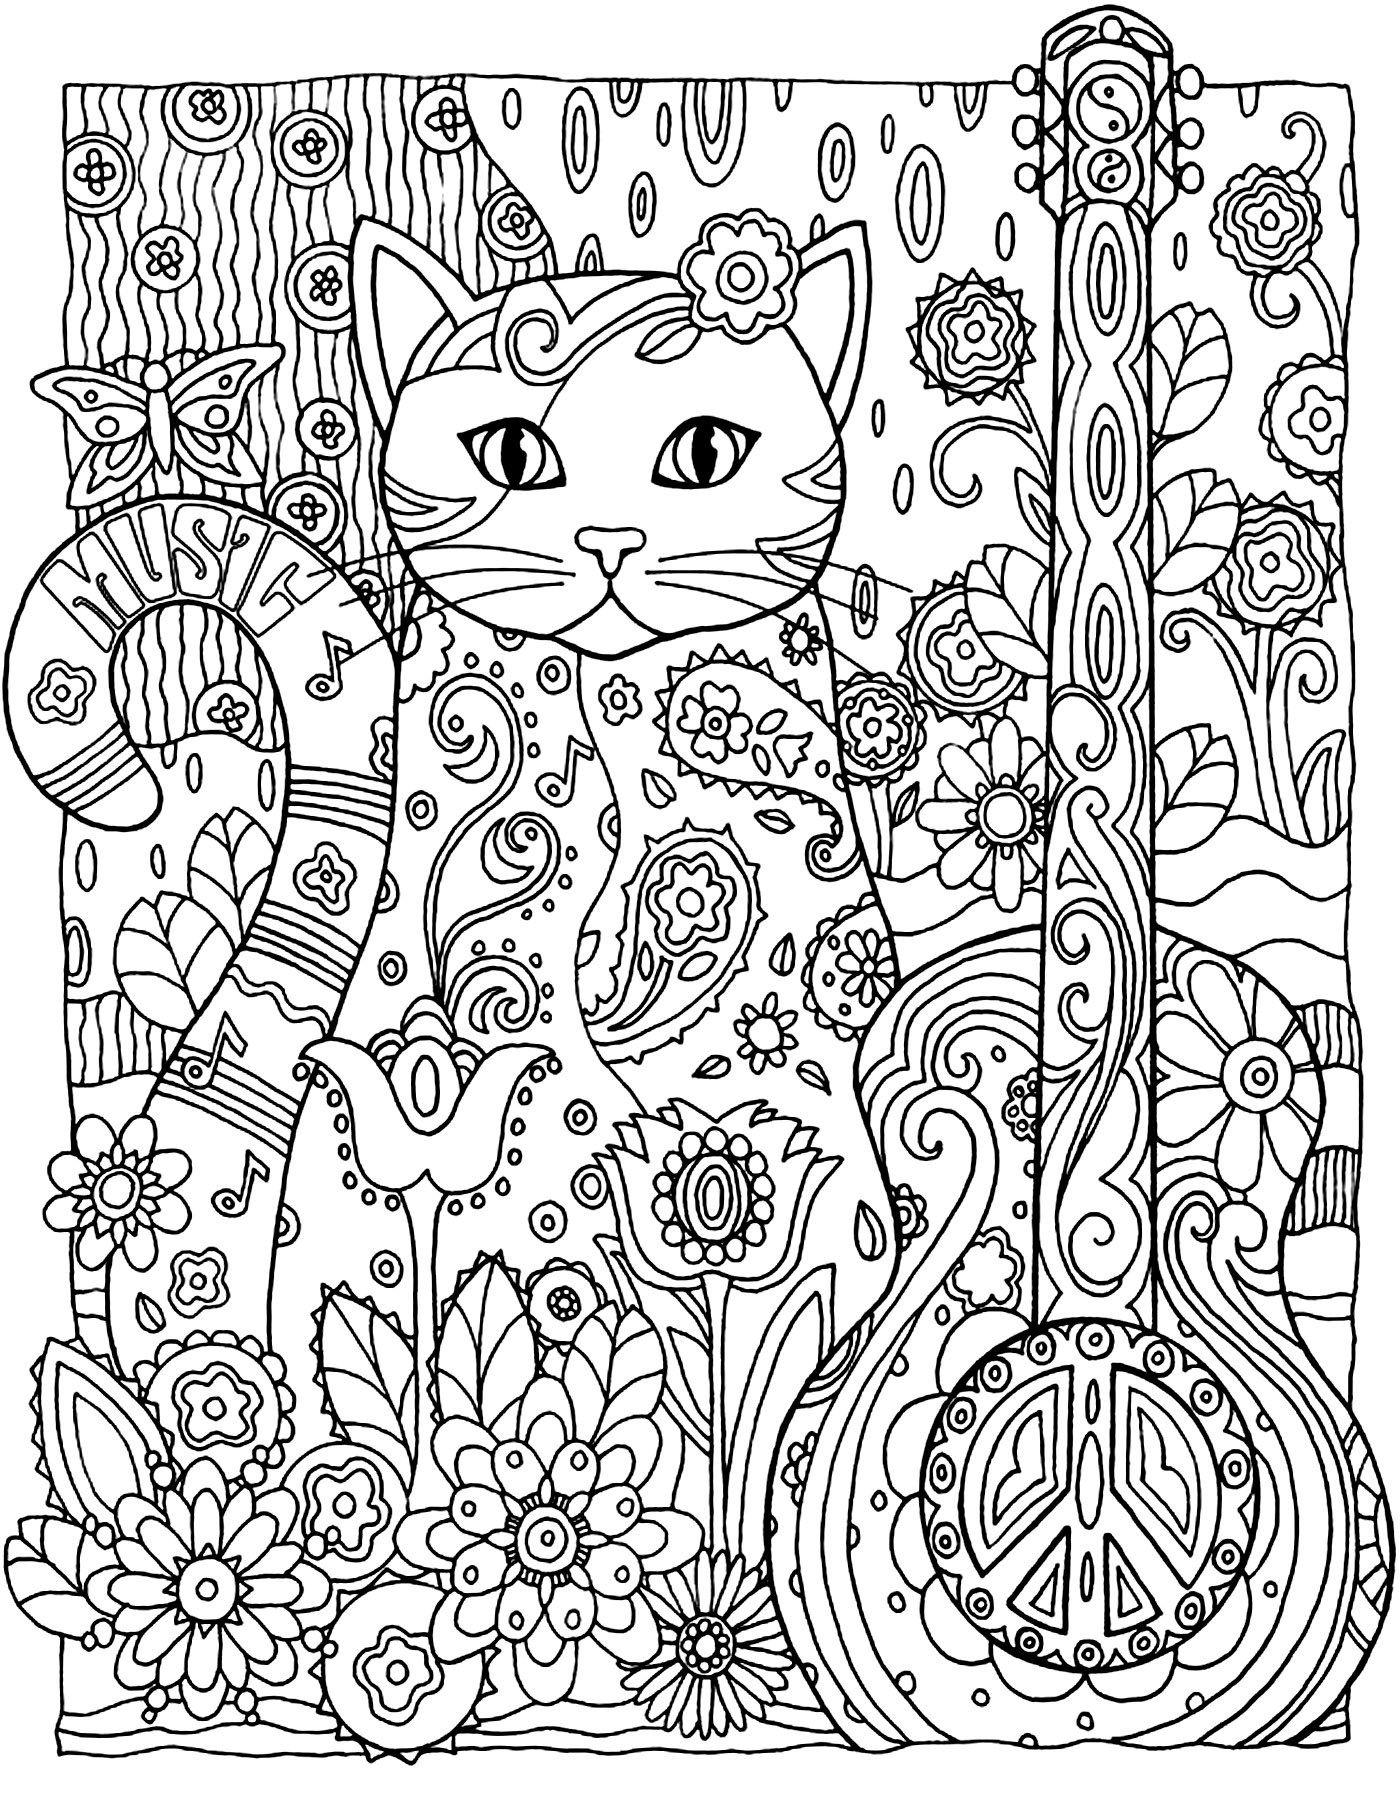 Ausmalbilder Katzen Mandala : Imagenes Mandala Para Colorear 4 Jpg 1400 1798 Art Cat